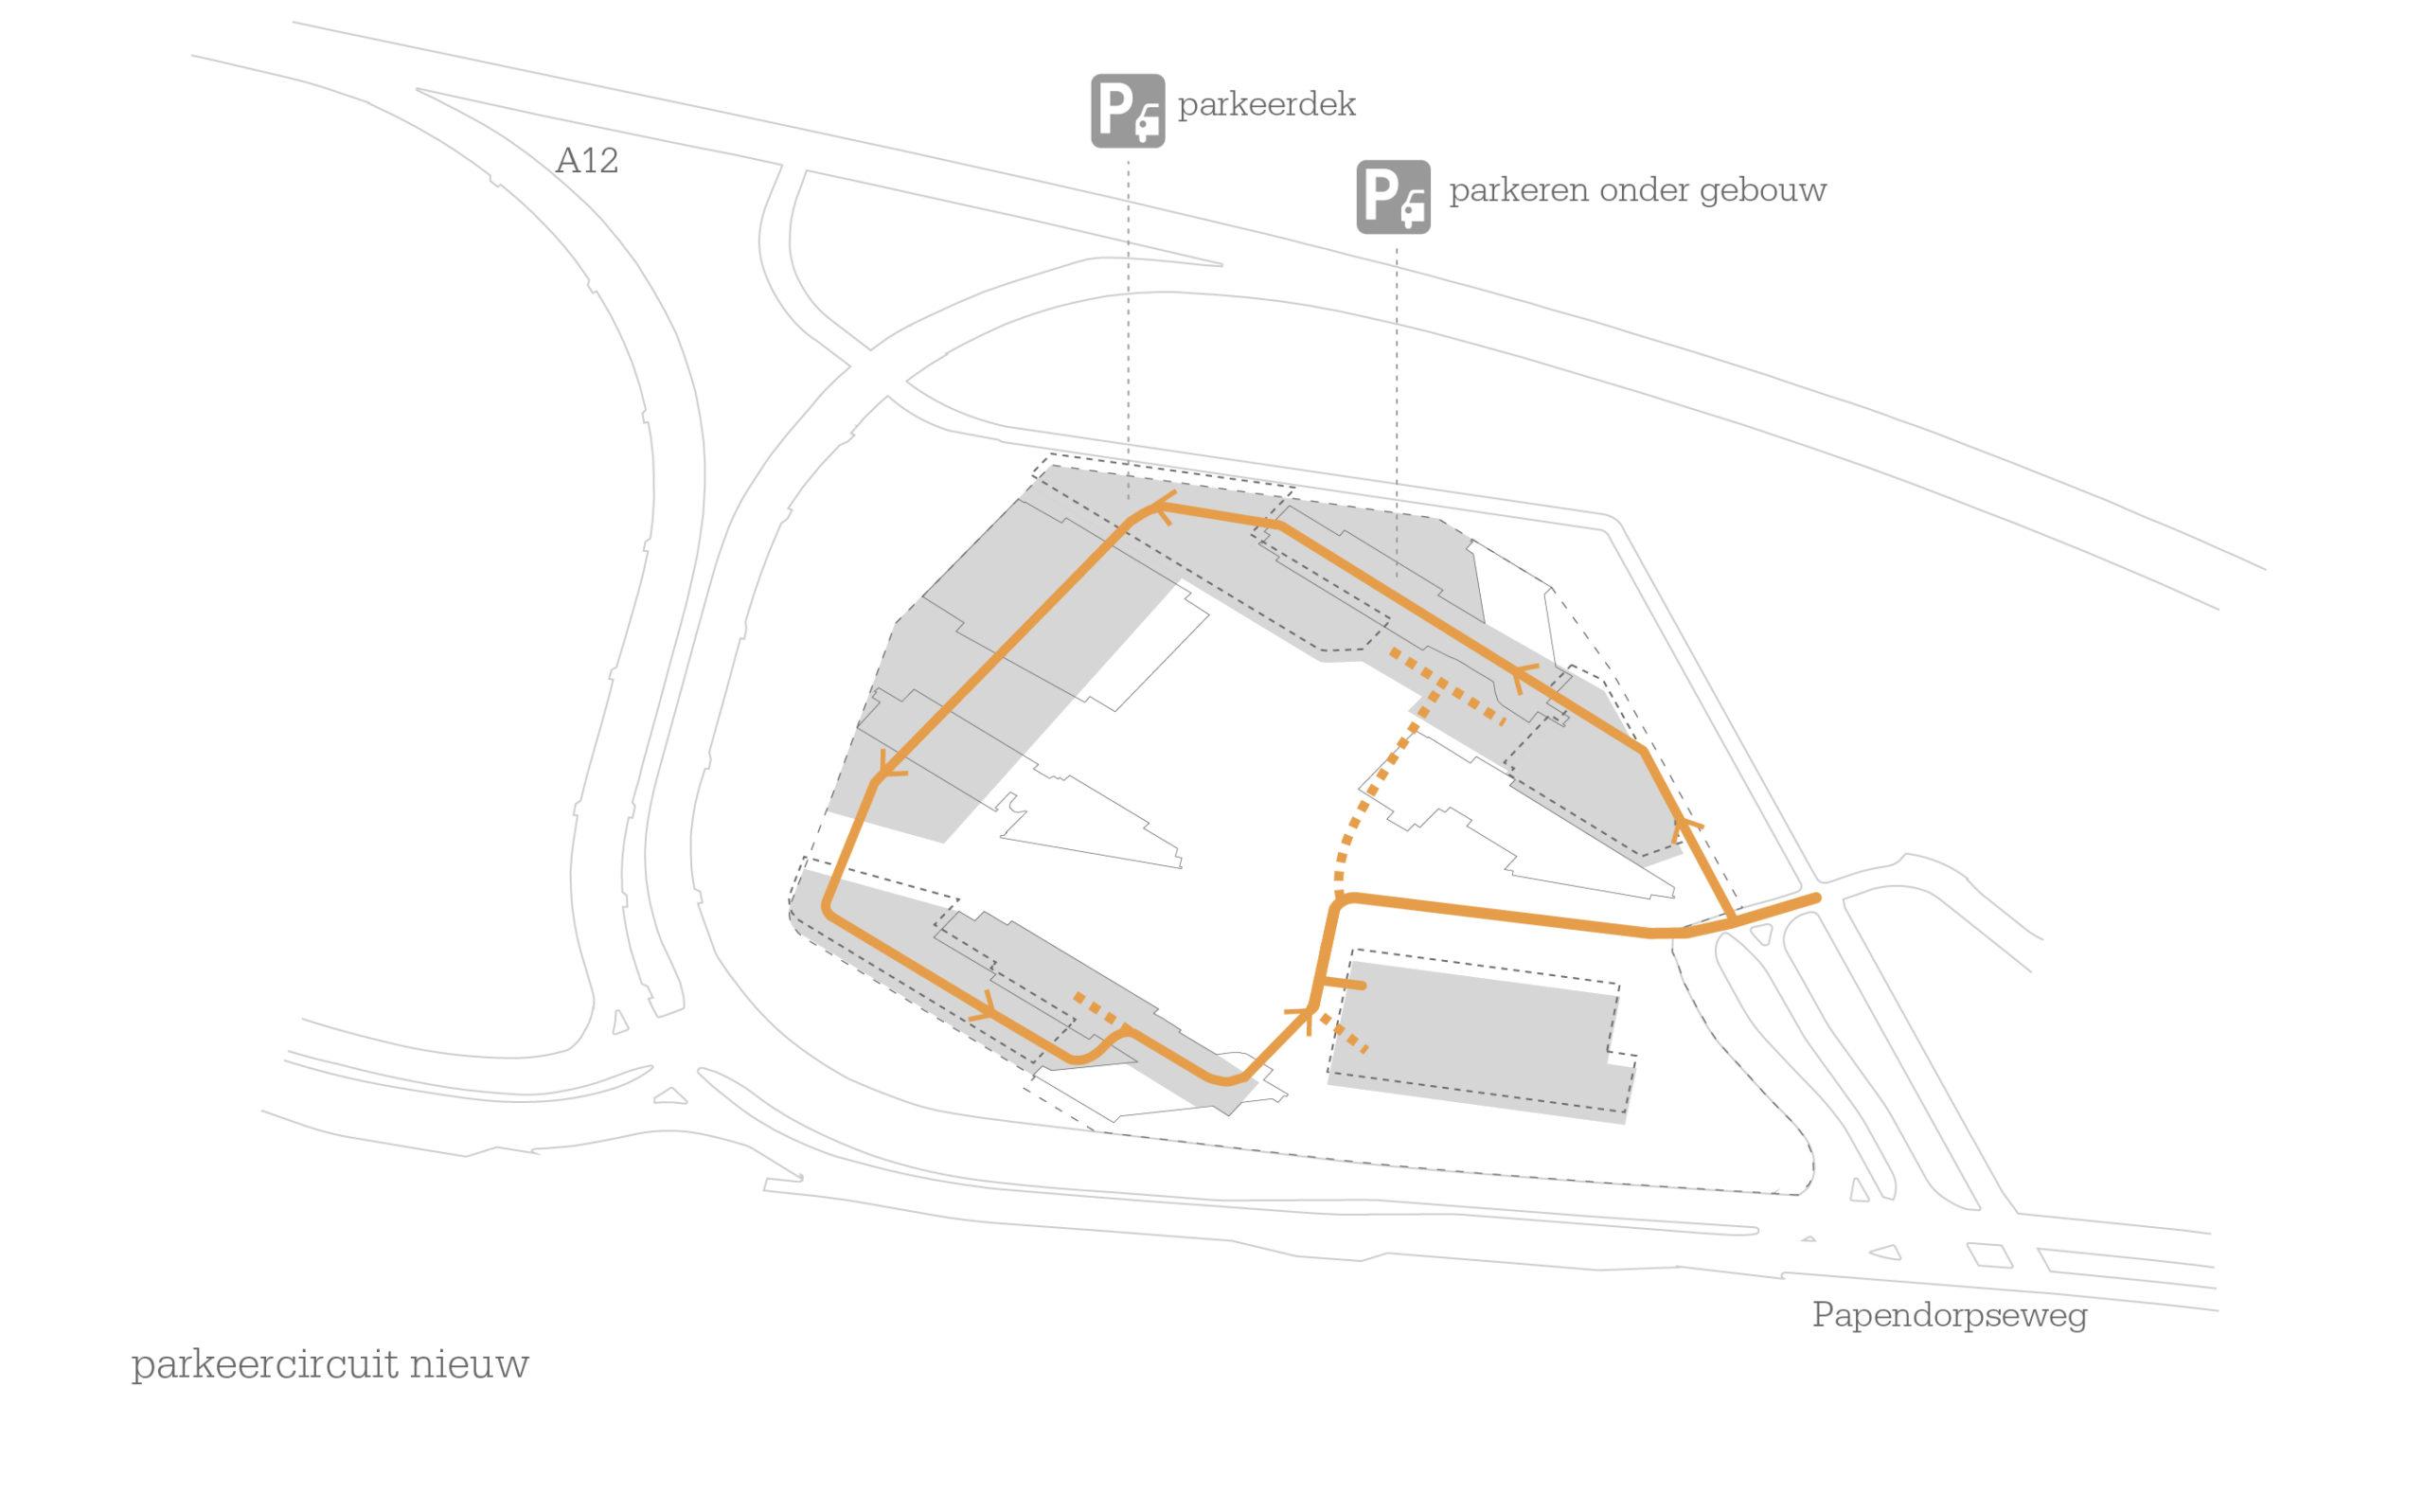 1601-Secoya Campus Utrecht_04-parkeercircuit nieuwe situatie